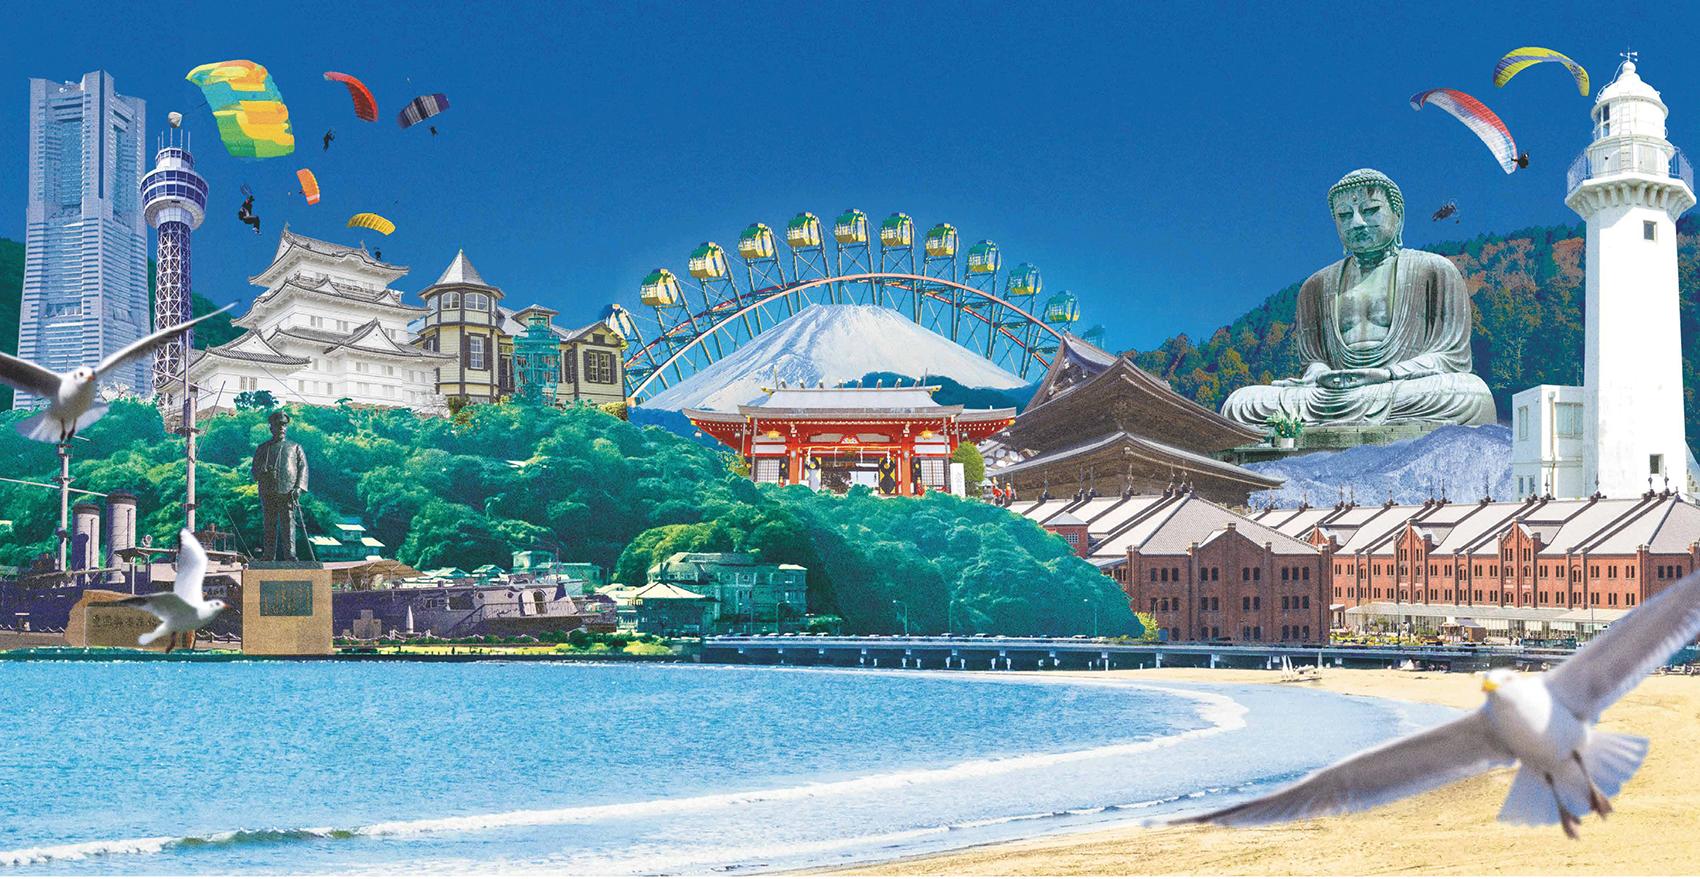 神奈川観光情報サイト 観光かながわNOW